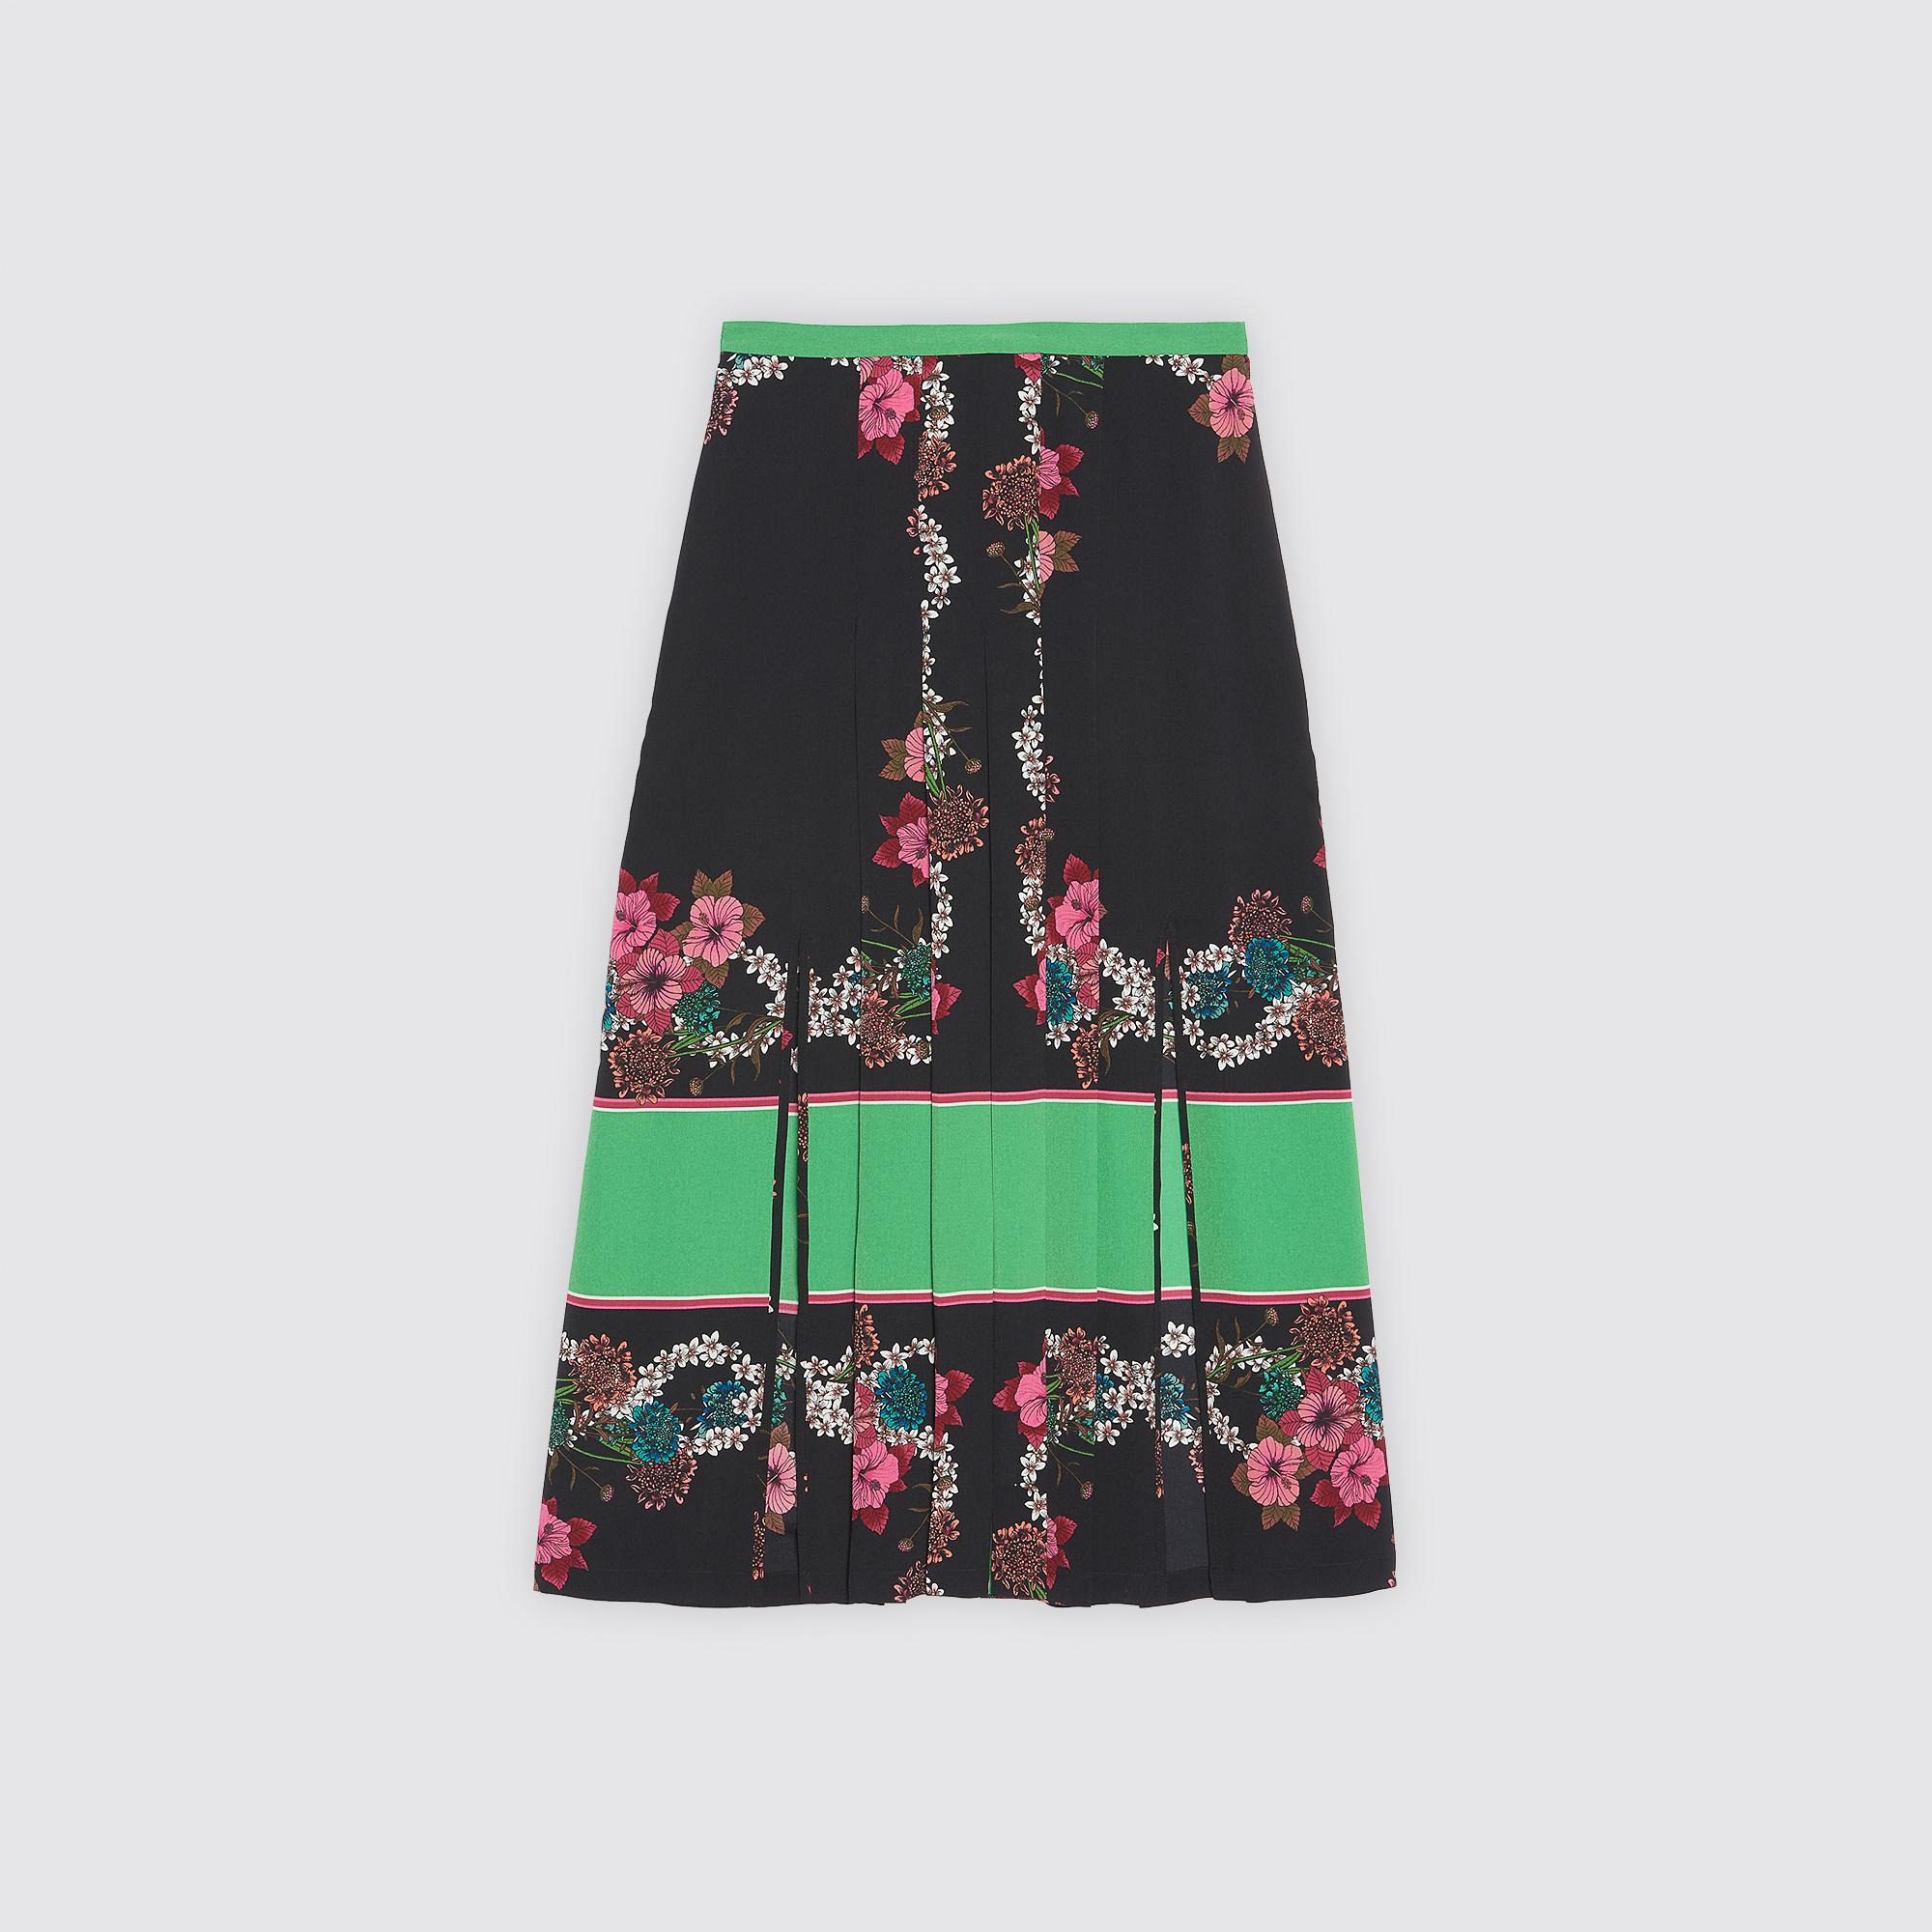 La Sortie Où Acheter Jupe mi-longue imprimée Multicolore SandroSandro Faible Coût De Sortie Footlocker Images La Vente En Ligne aaIHIrD